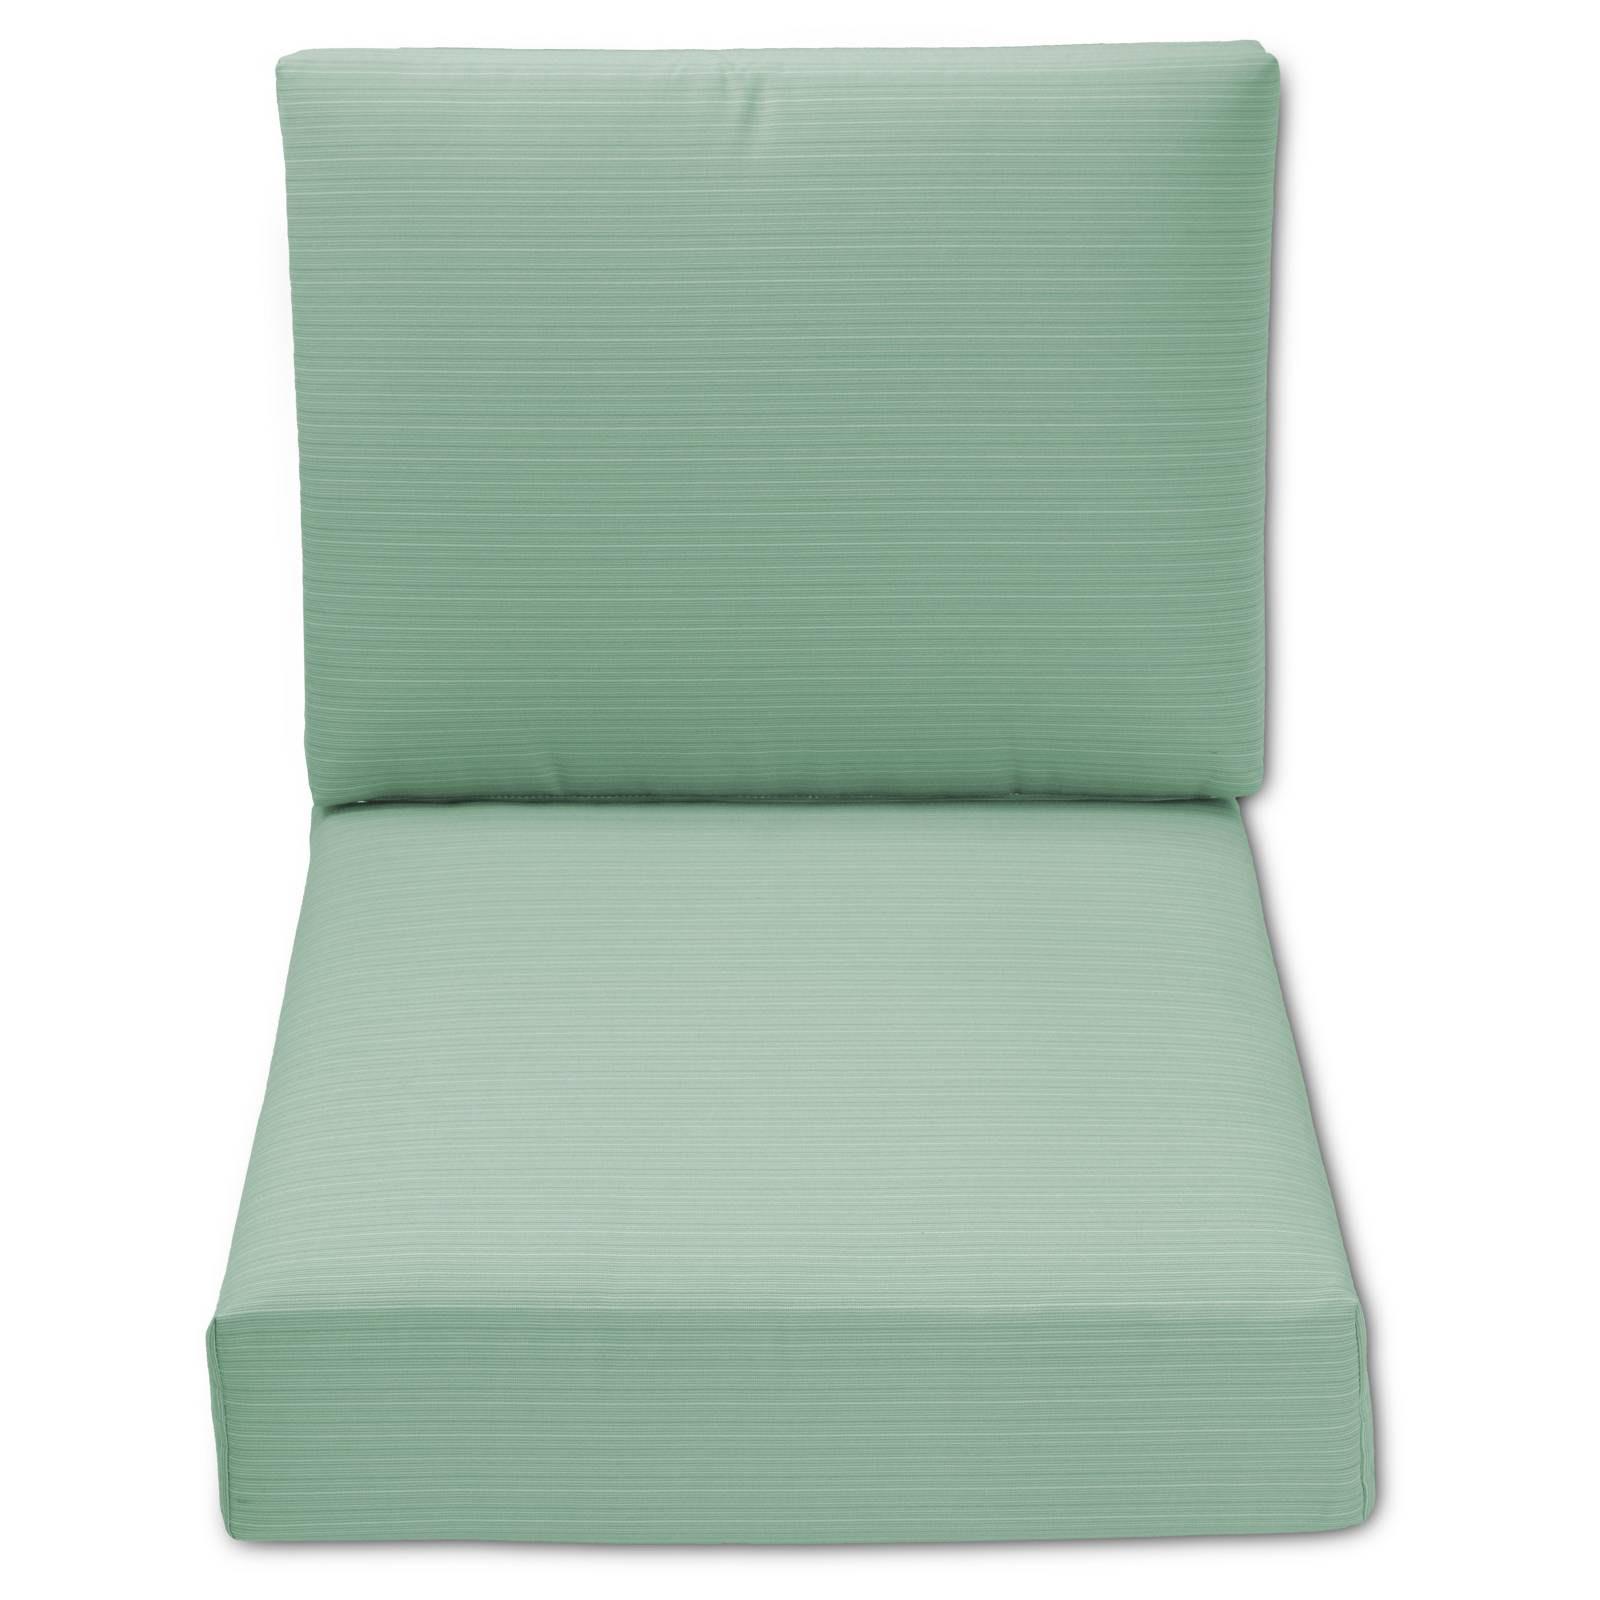 Heatherstone 2pc Cushion Set - Orange - Threshold   eBay